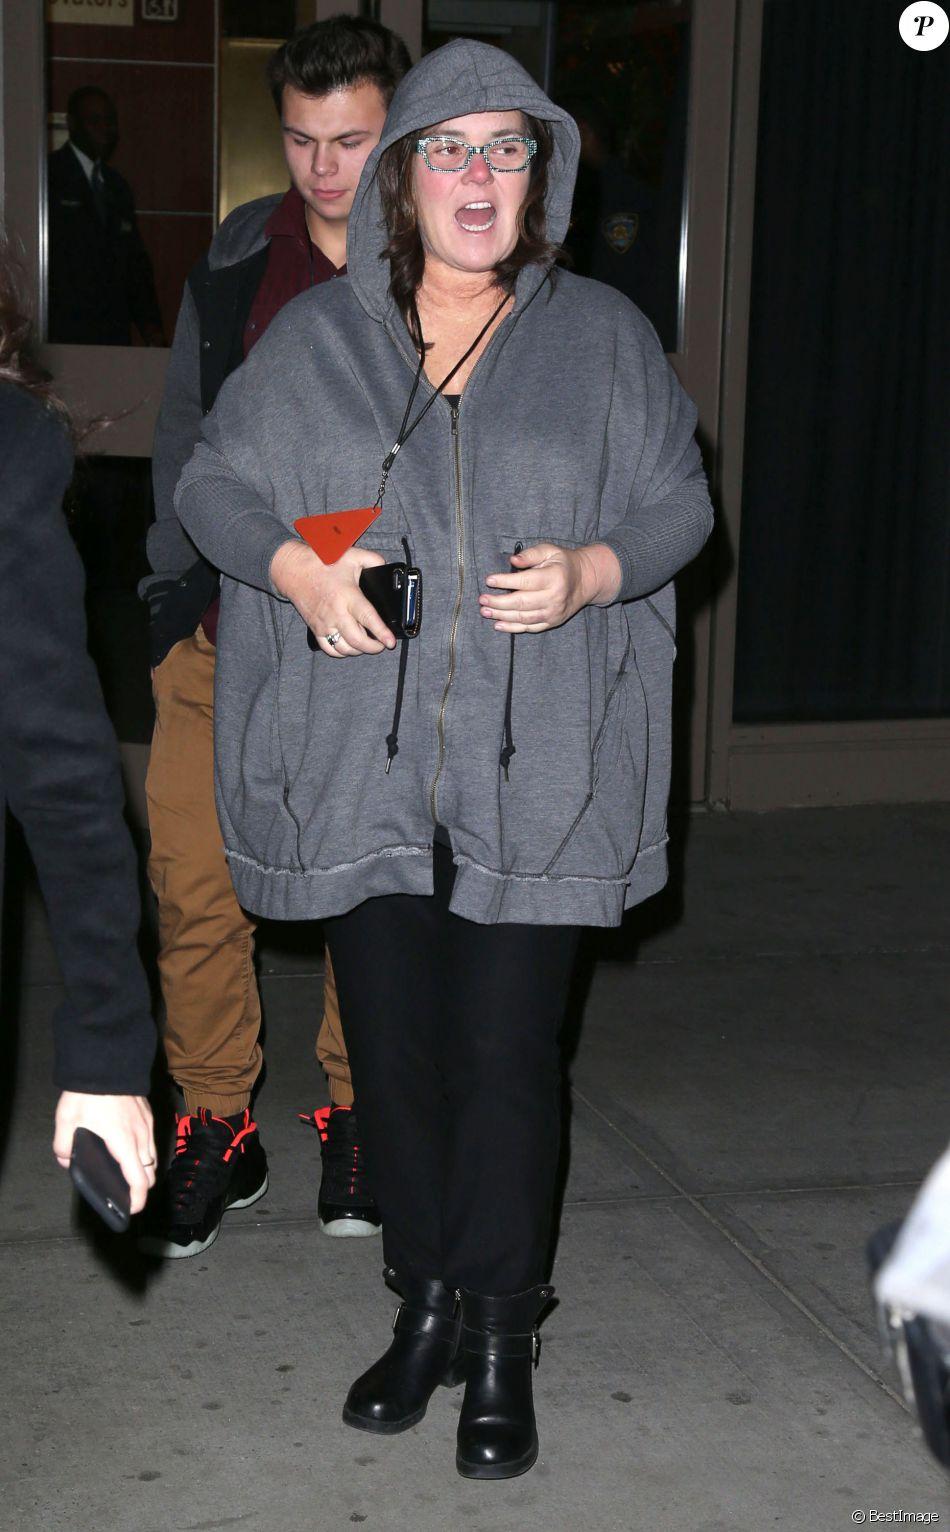 Rosie ODonnell arrive au défilé de mode Yeezy de Kanye West à New York, le 11 février 2016.